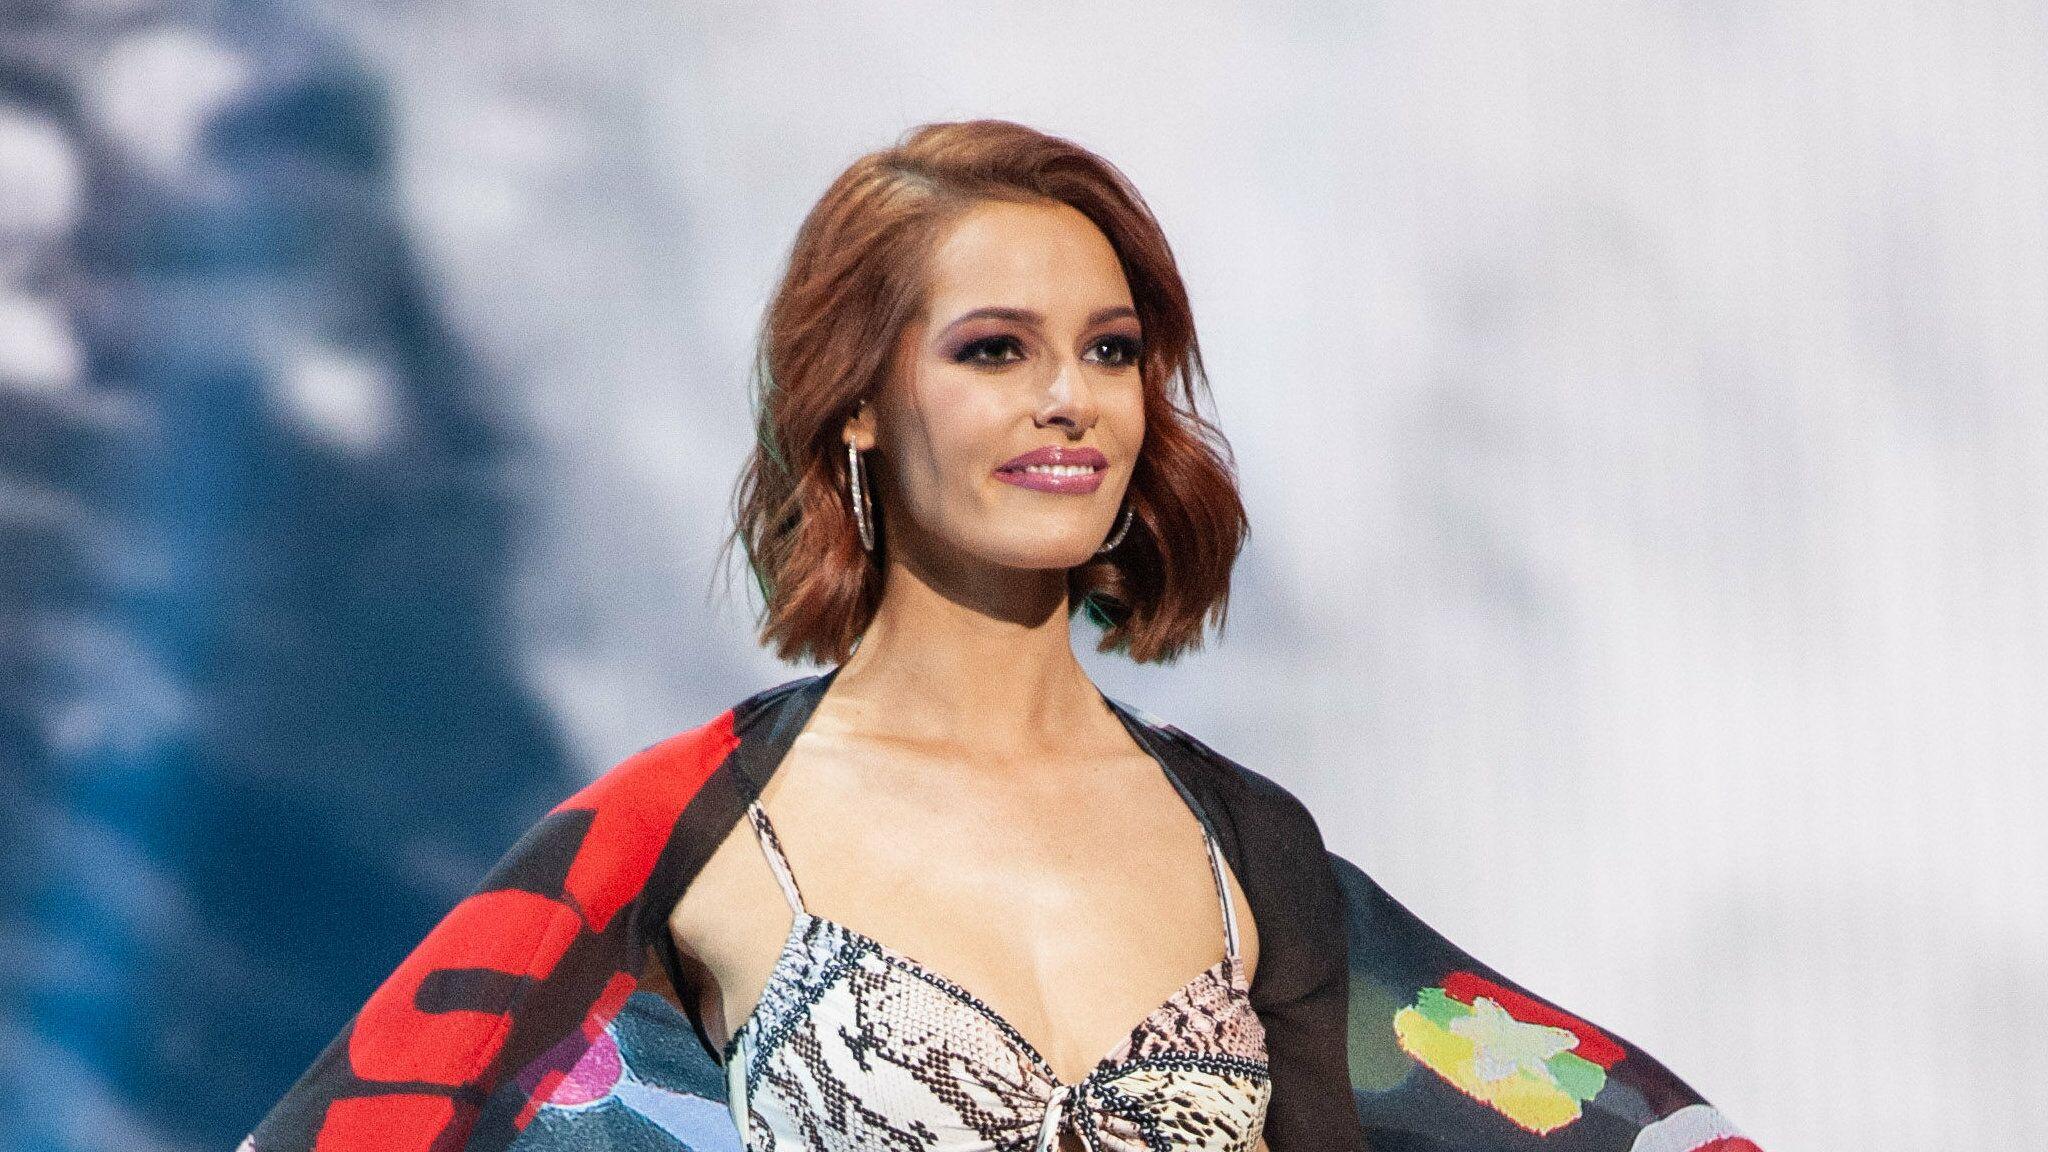 Maëva Coucke partage un souvenir sexy de Miss Univers, les internautes la vannent sur sa chute